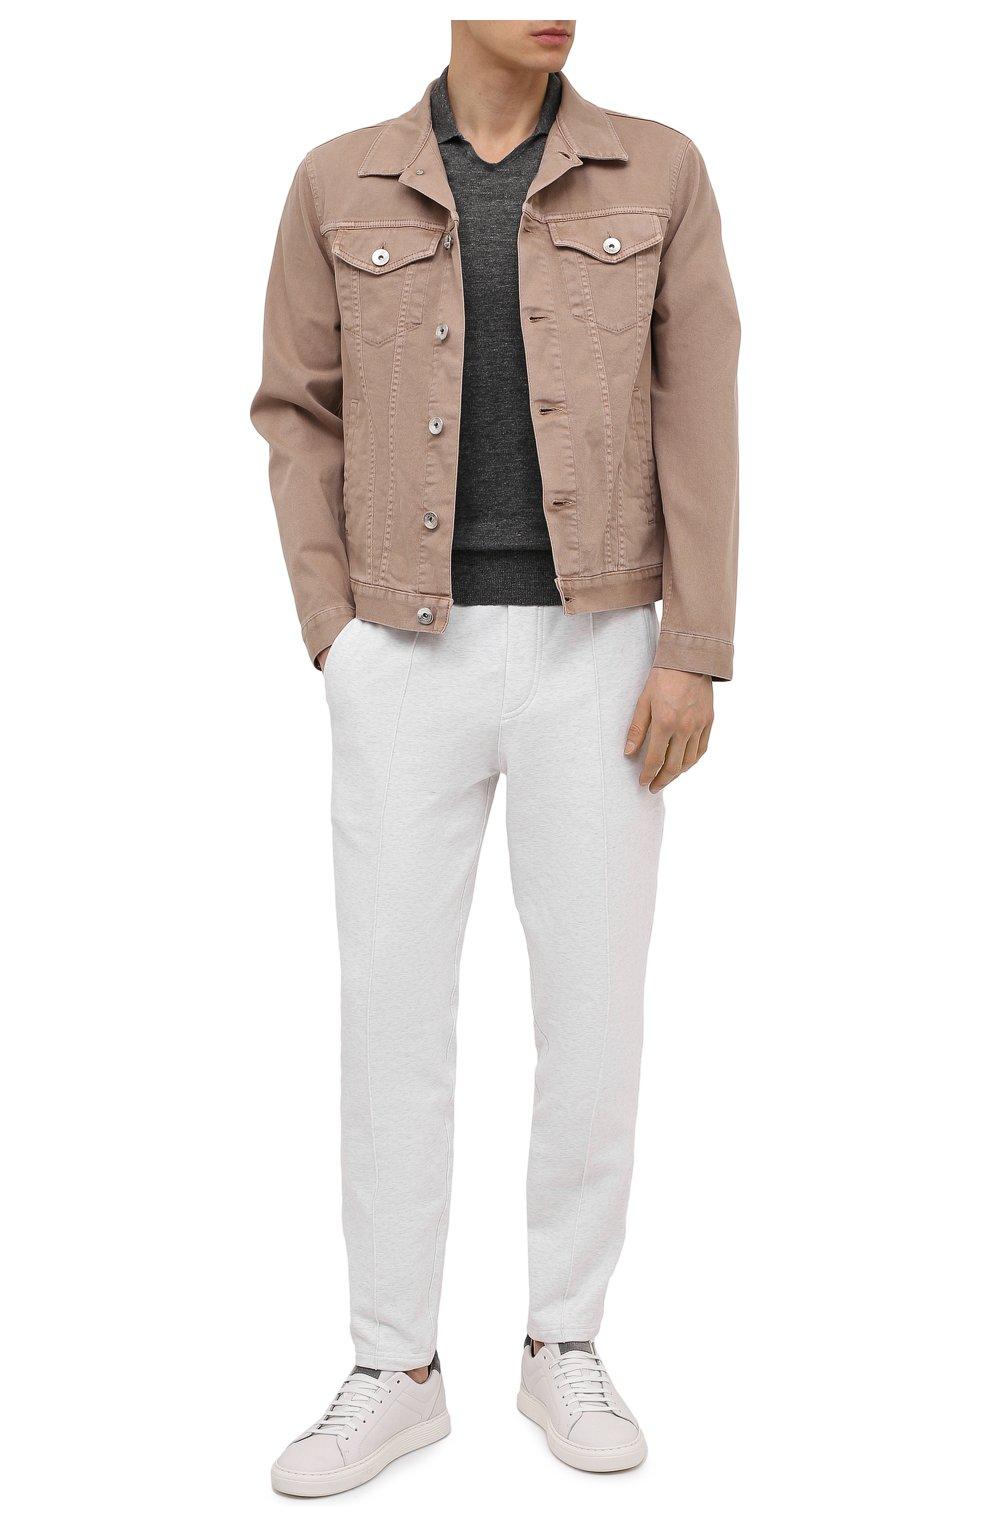 Мужская джинсовая куртка BRUNELLO CUCINELLI бежевого цвета, арт. M277P6845 | Фото 2 (Кросс-КТ: Куртка, Деним; Рукава: Длинные; Материал внешний: Хлопок; Длина (верхняя одежда): Короткие; Стили: Кэжуэл)